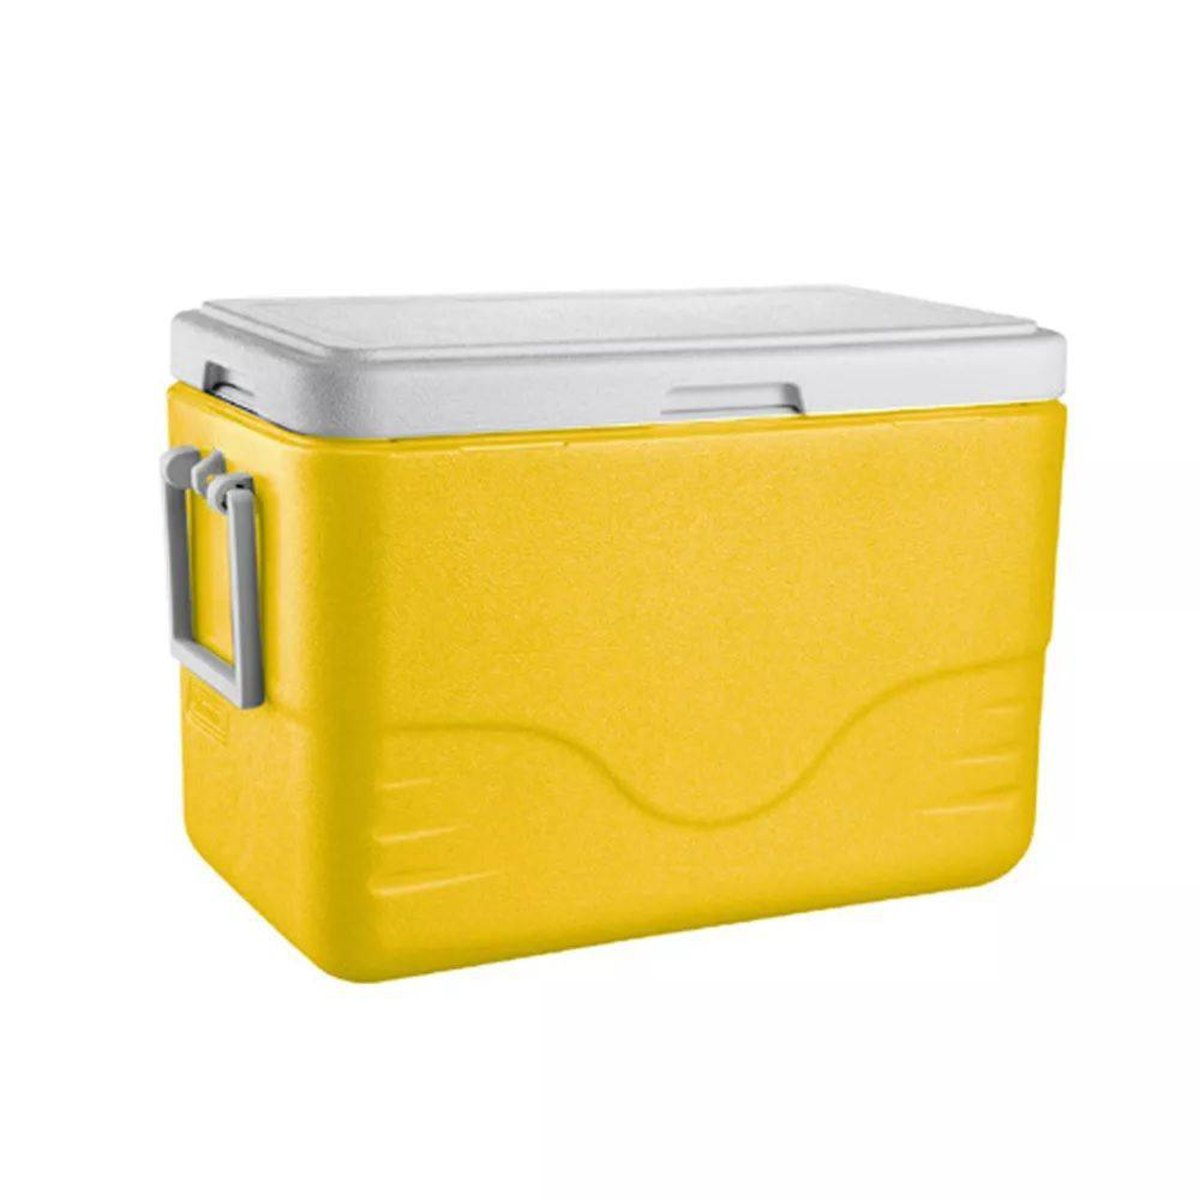 Caixa Térmica Cooler Coleman 28QT 26,5 Lts Amarelo